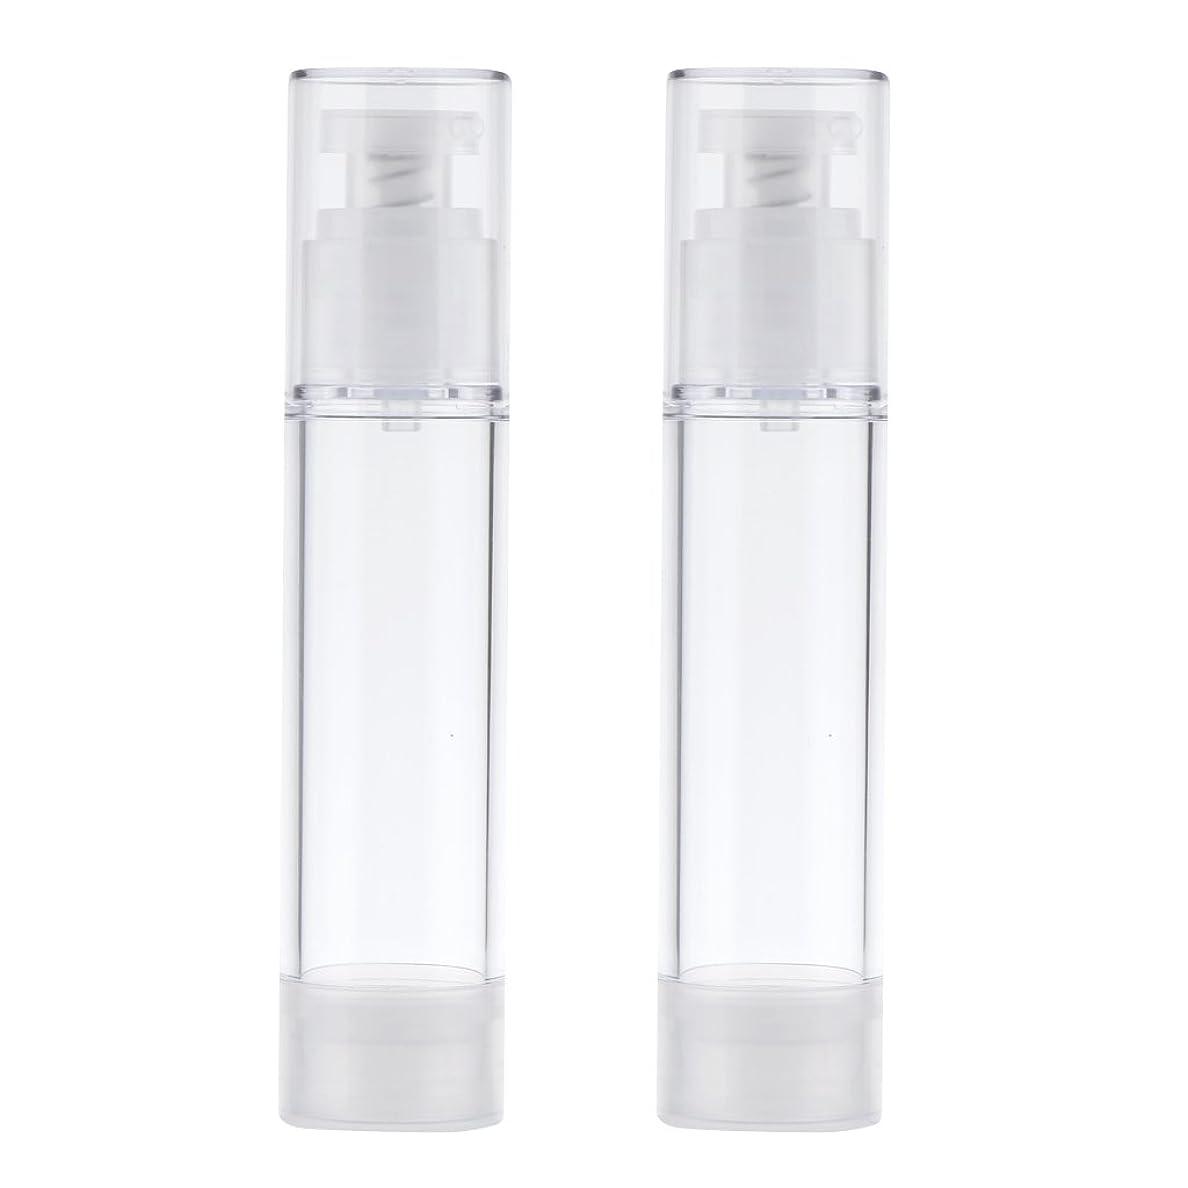 つかむ準備する合意Blesiya 2個 空ボトル ポンプボトル ローション コスメ ティック クリームボトル エアレスポンプディスペンサー 3サイズ選べる - 50ml